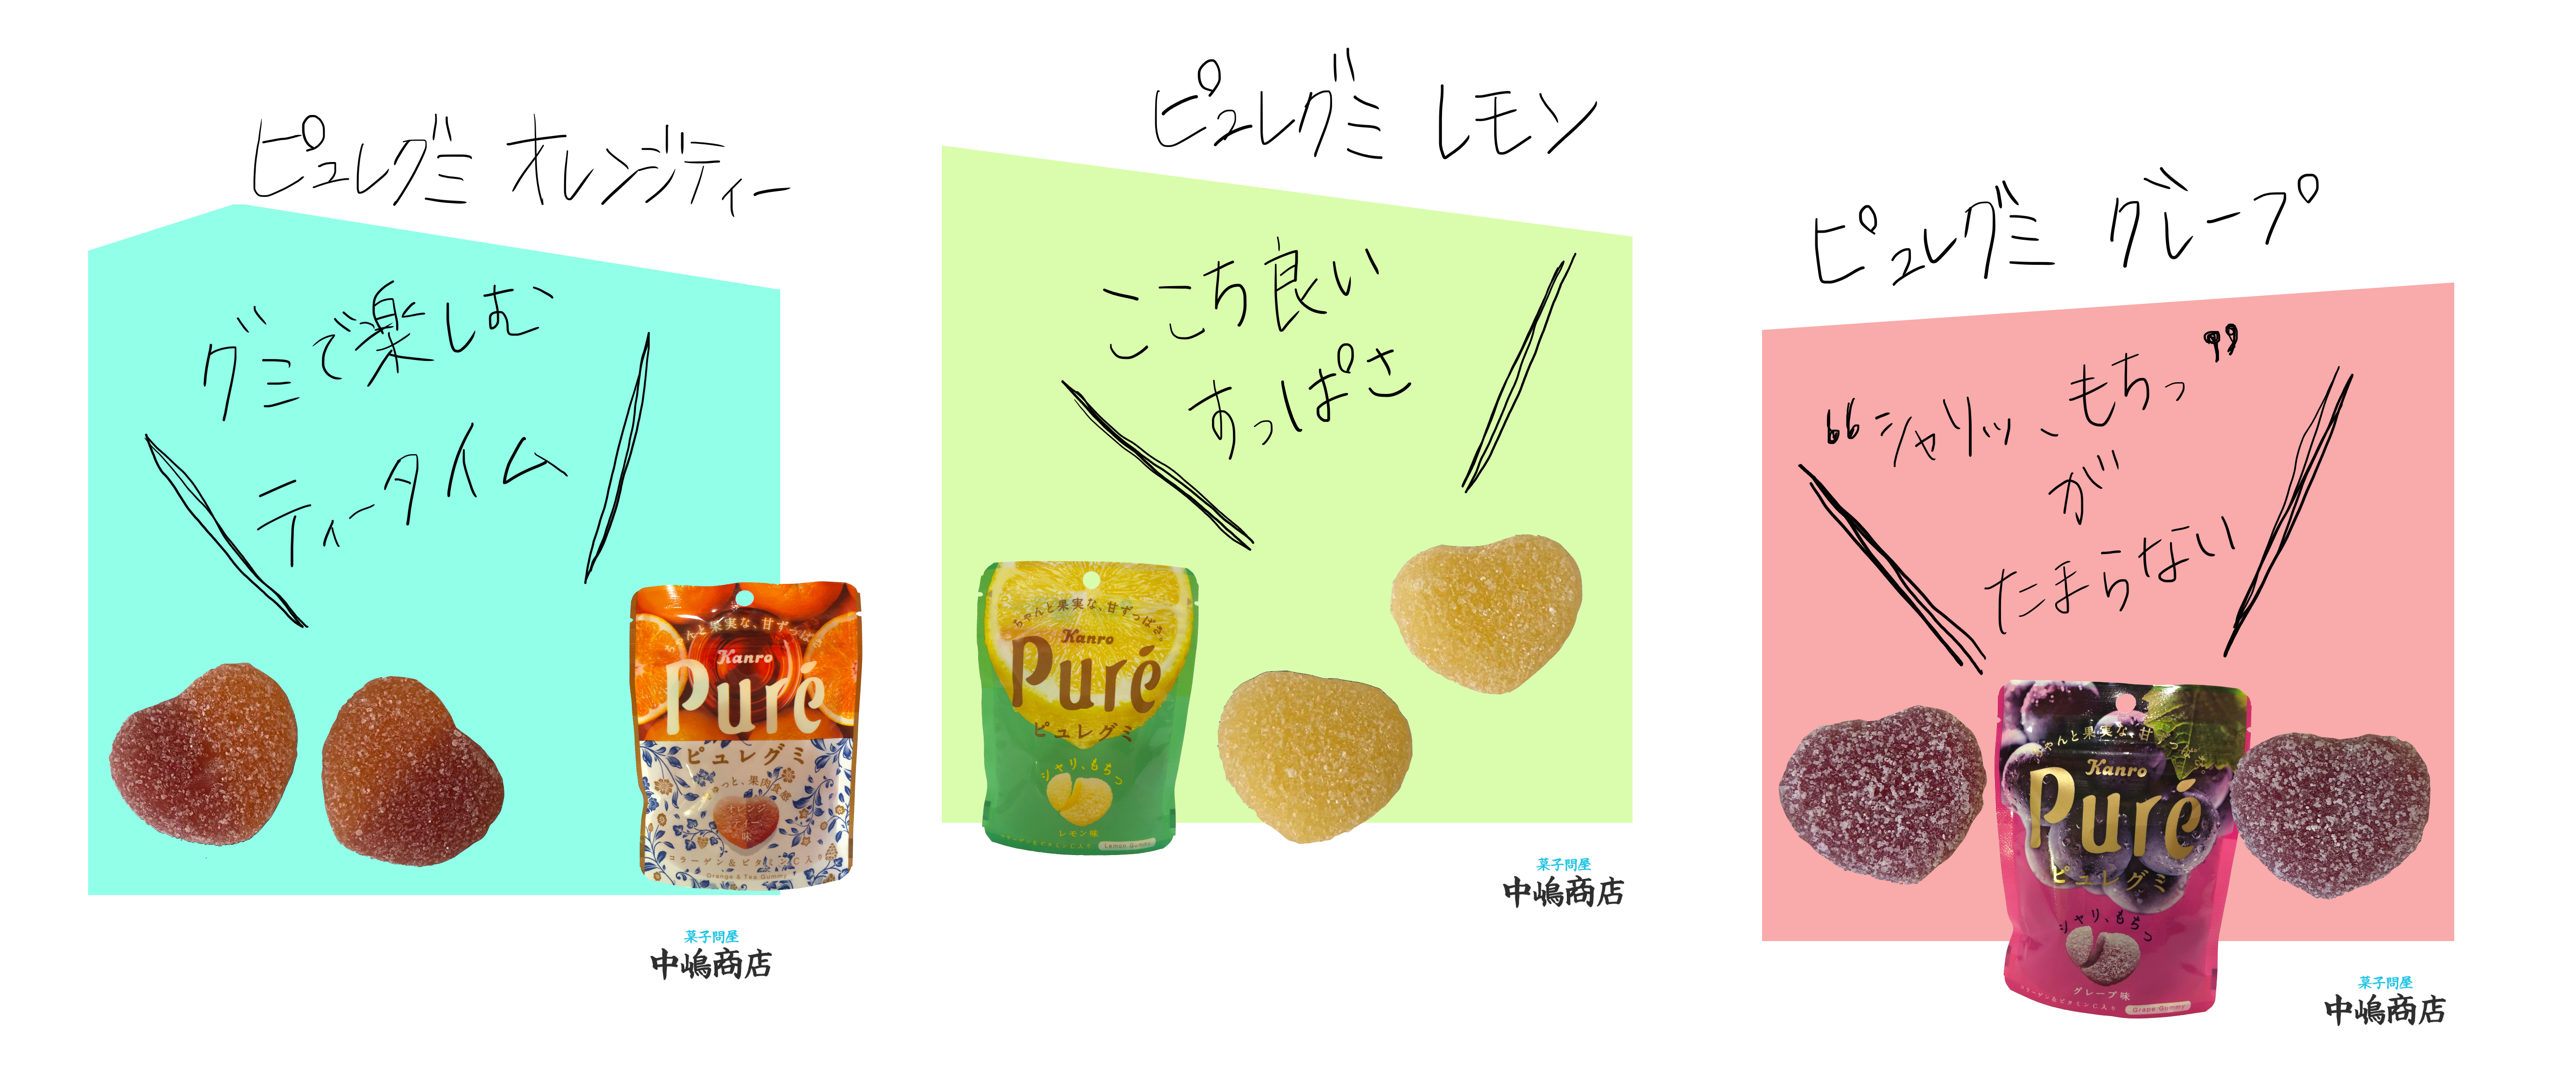 【中嶋商店おすすめ菓子】カンロ「ピュレグミ」で手軽に気分をリフレッシュ!